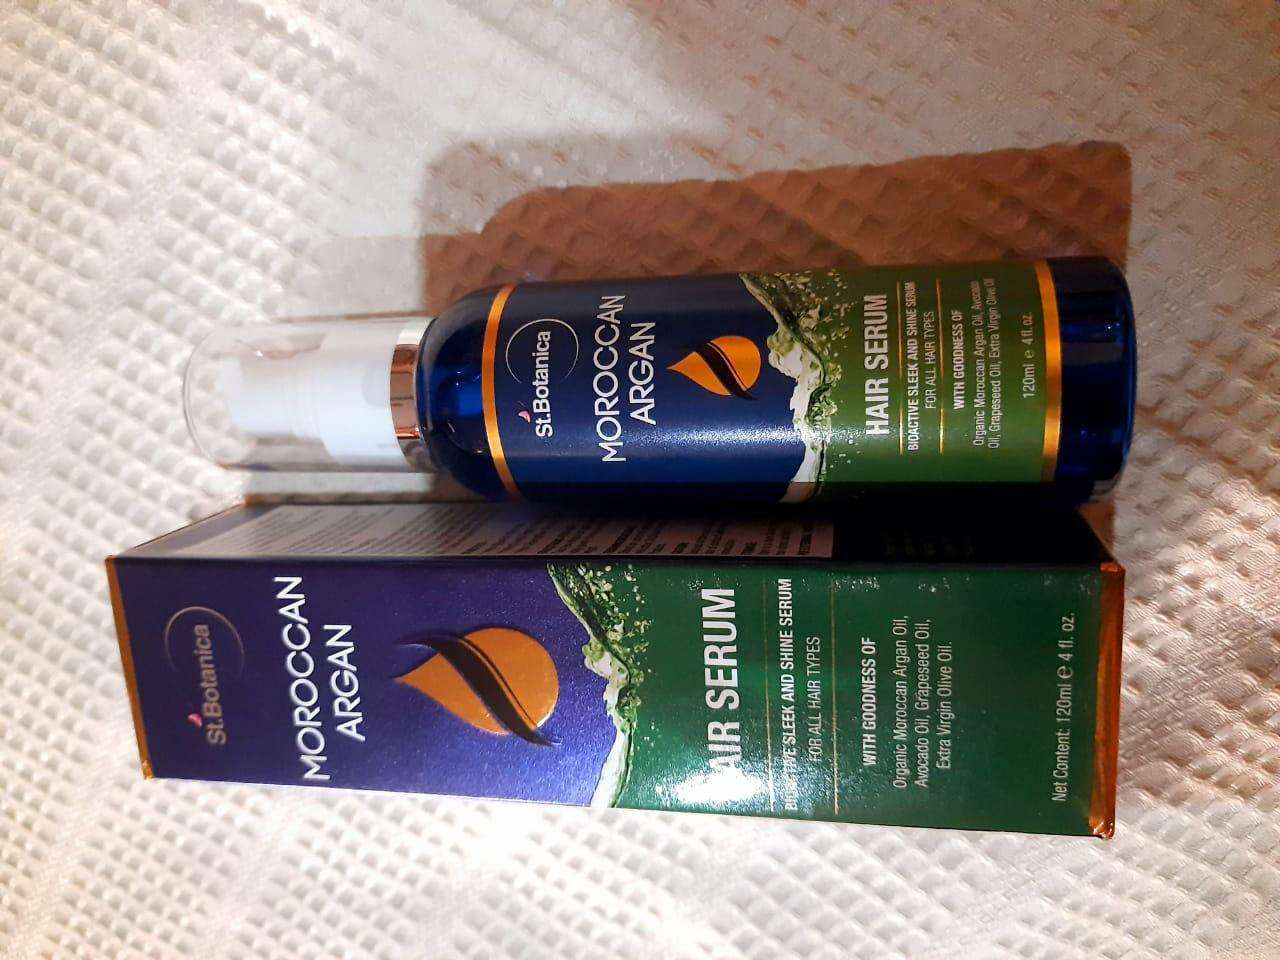 St.Botanica Moroccan Argan Hair Serum pic 2-sleek and shine hair serum for all hair types-By komal_pandita